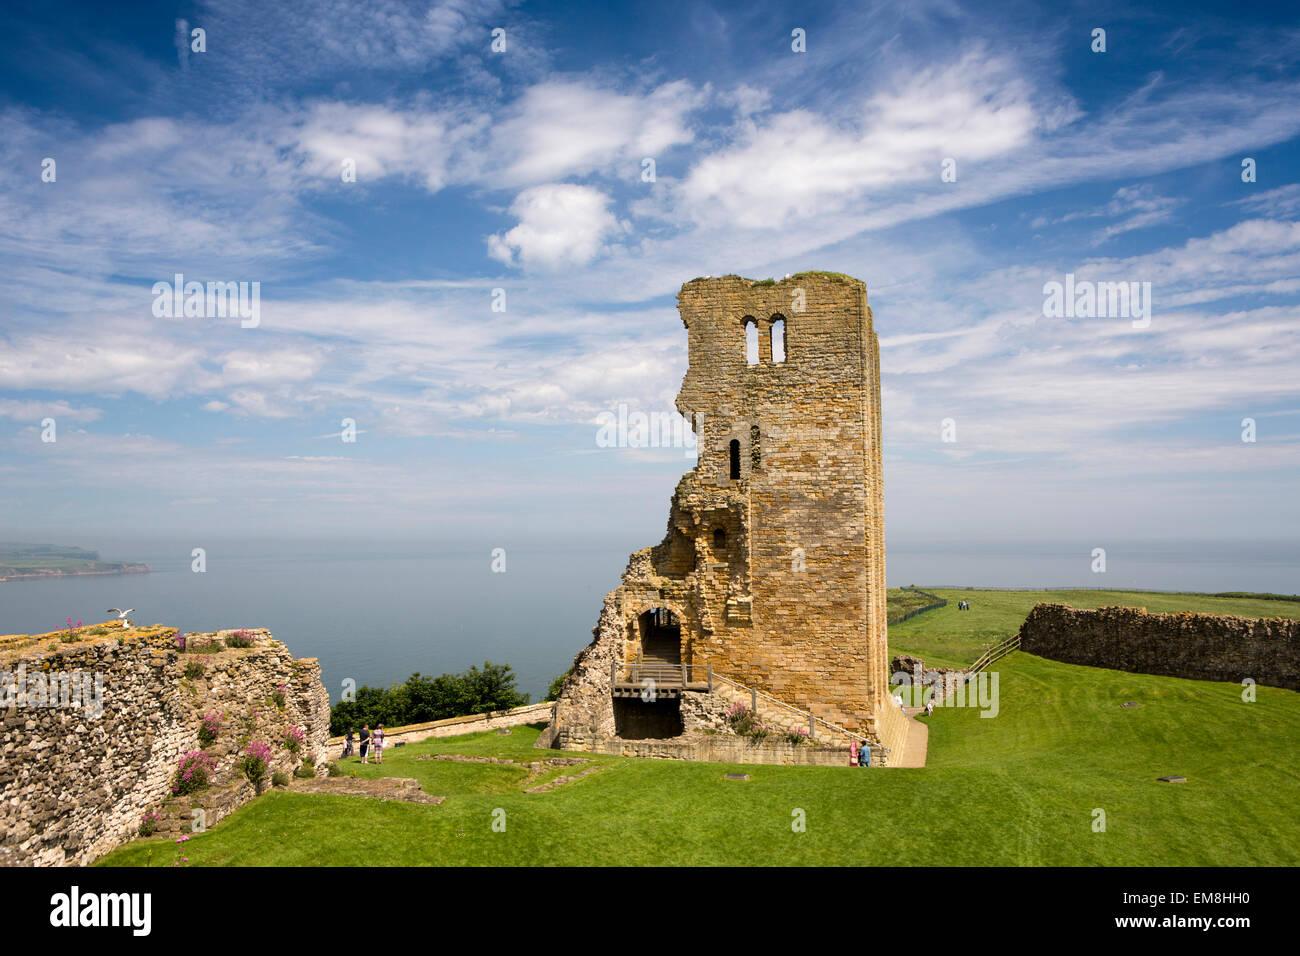 UK, England, Yorkshire, Scarborough, Castle Keep - Stock Image